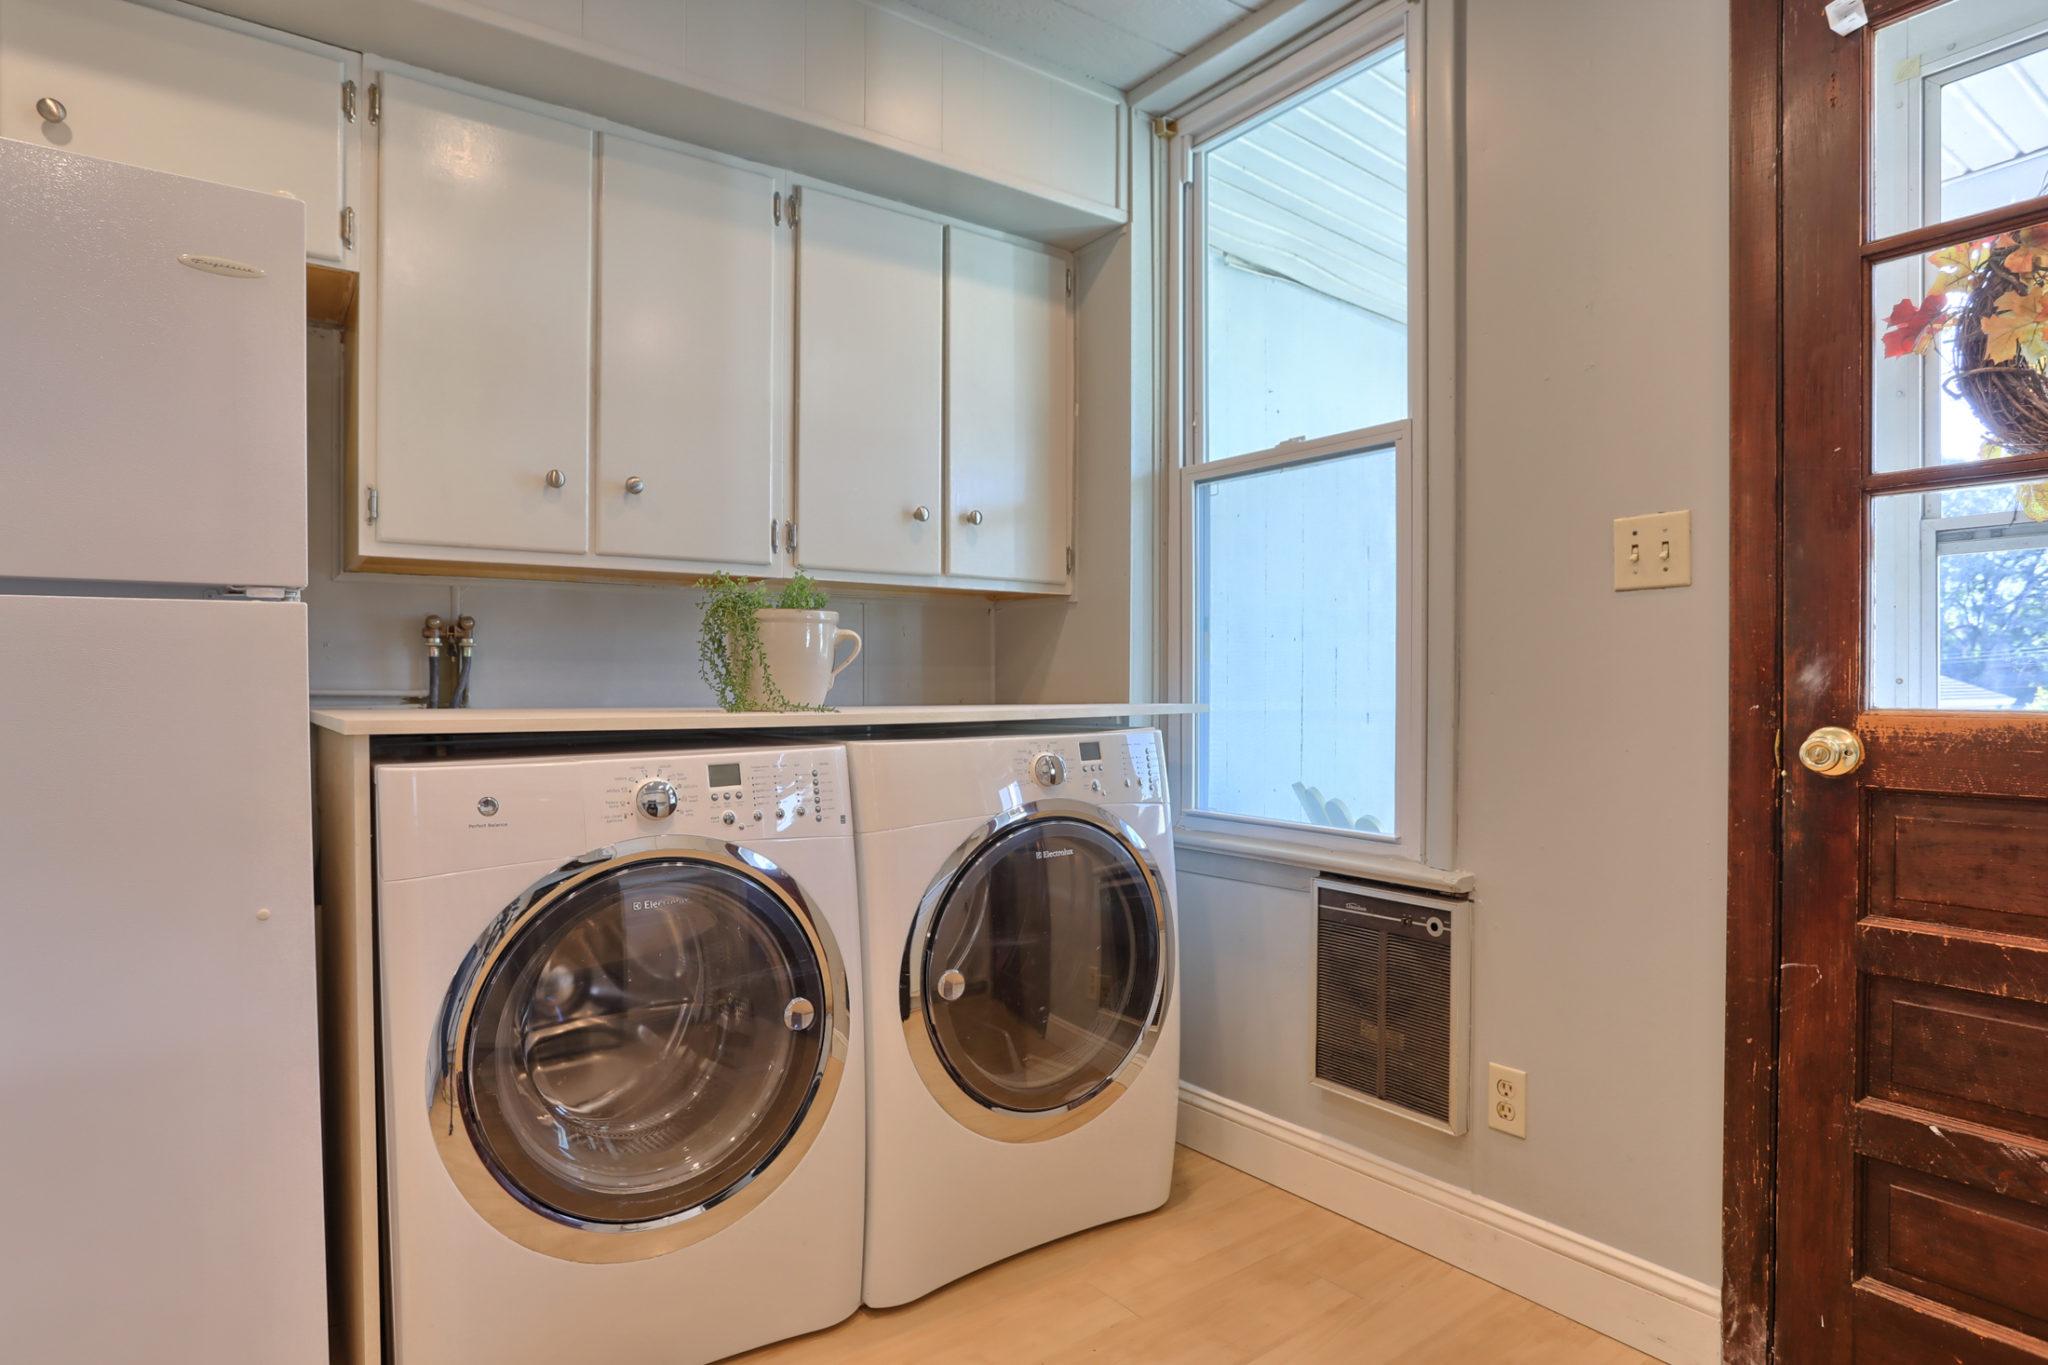 12 E. Maple Avenue - Kitchen/Dining Area 8